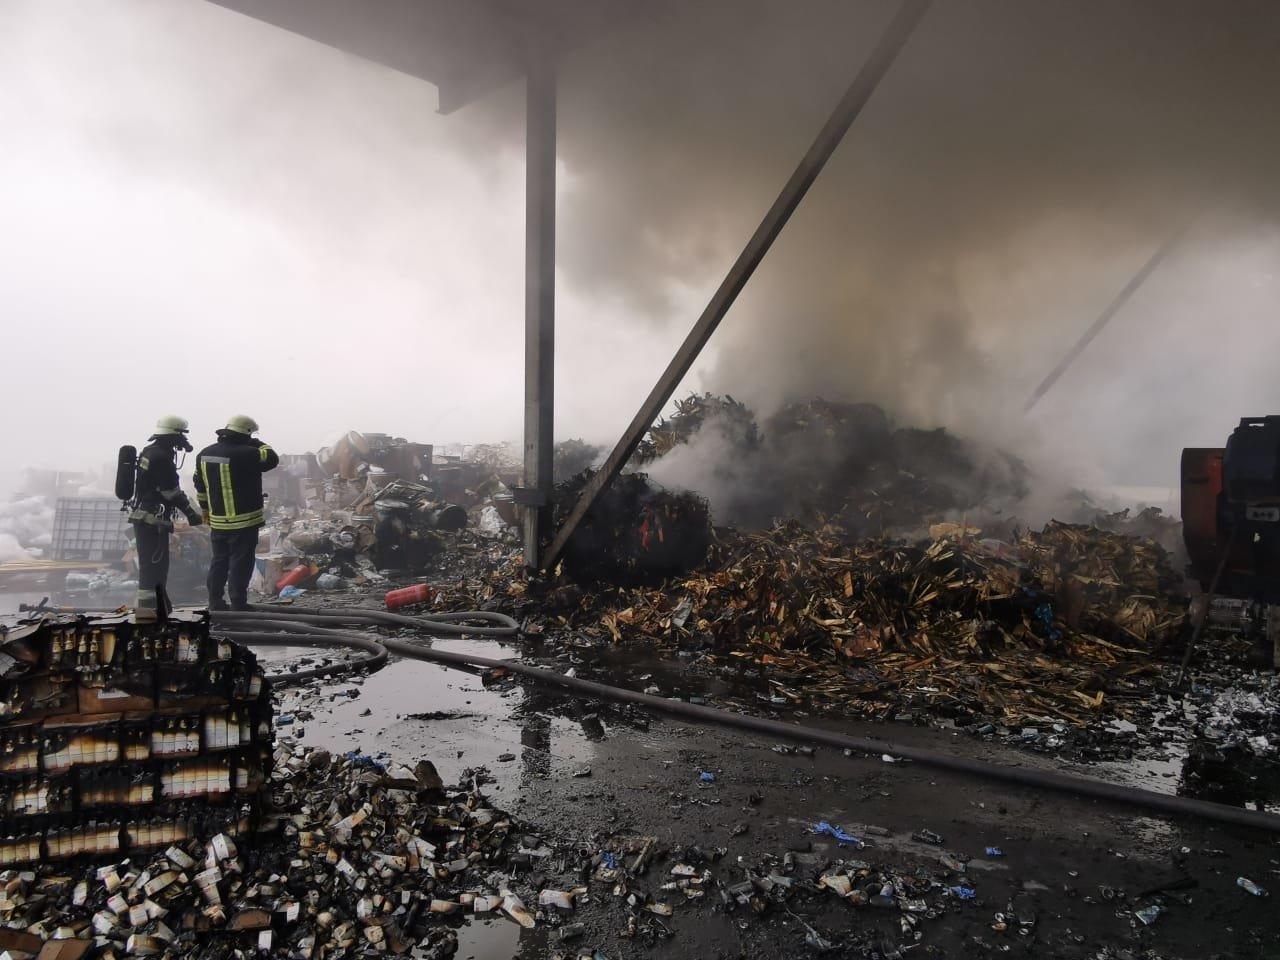 Пожар на предприятии с химикатами под Киевом: есть пострадавшие, ВИДЕО, ФОТО, фото-2